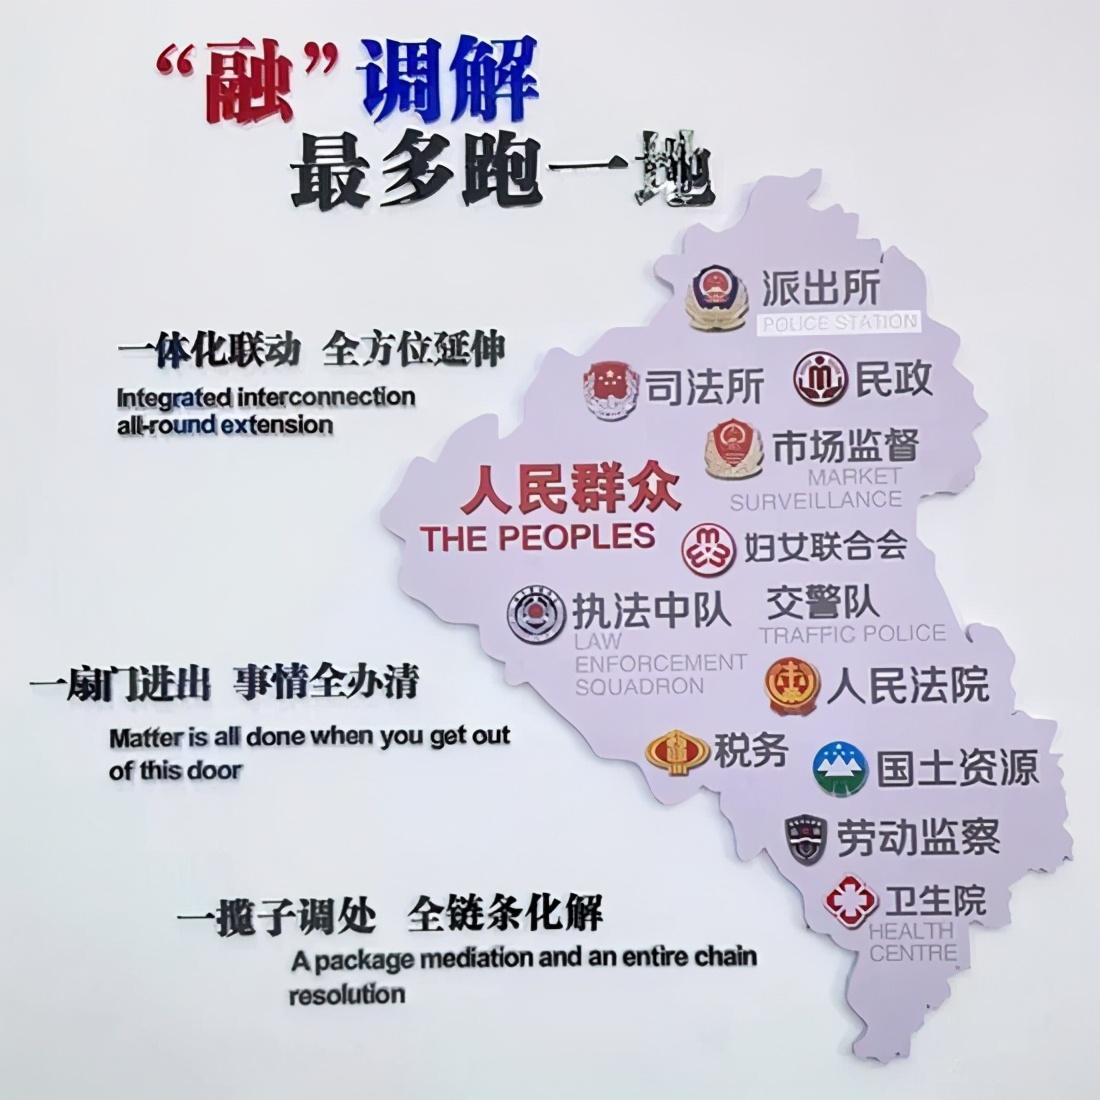 义乌市上溪镇矛调中心:你进门,我来办